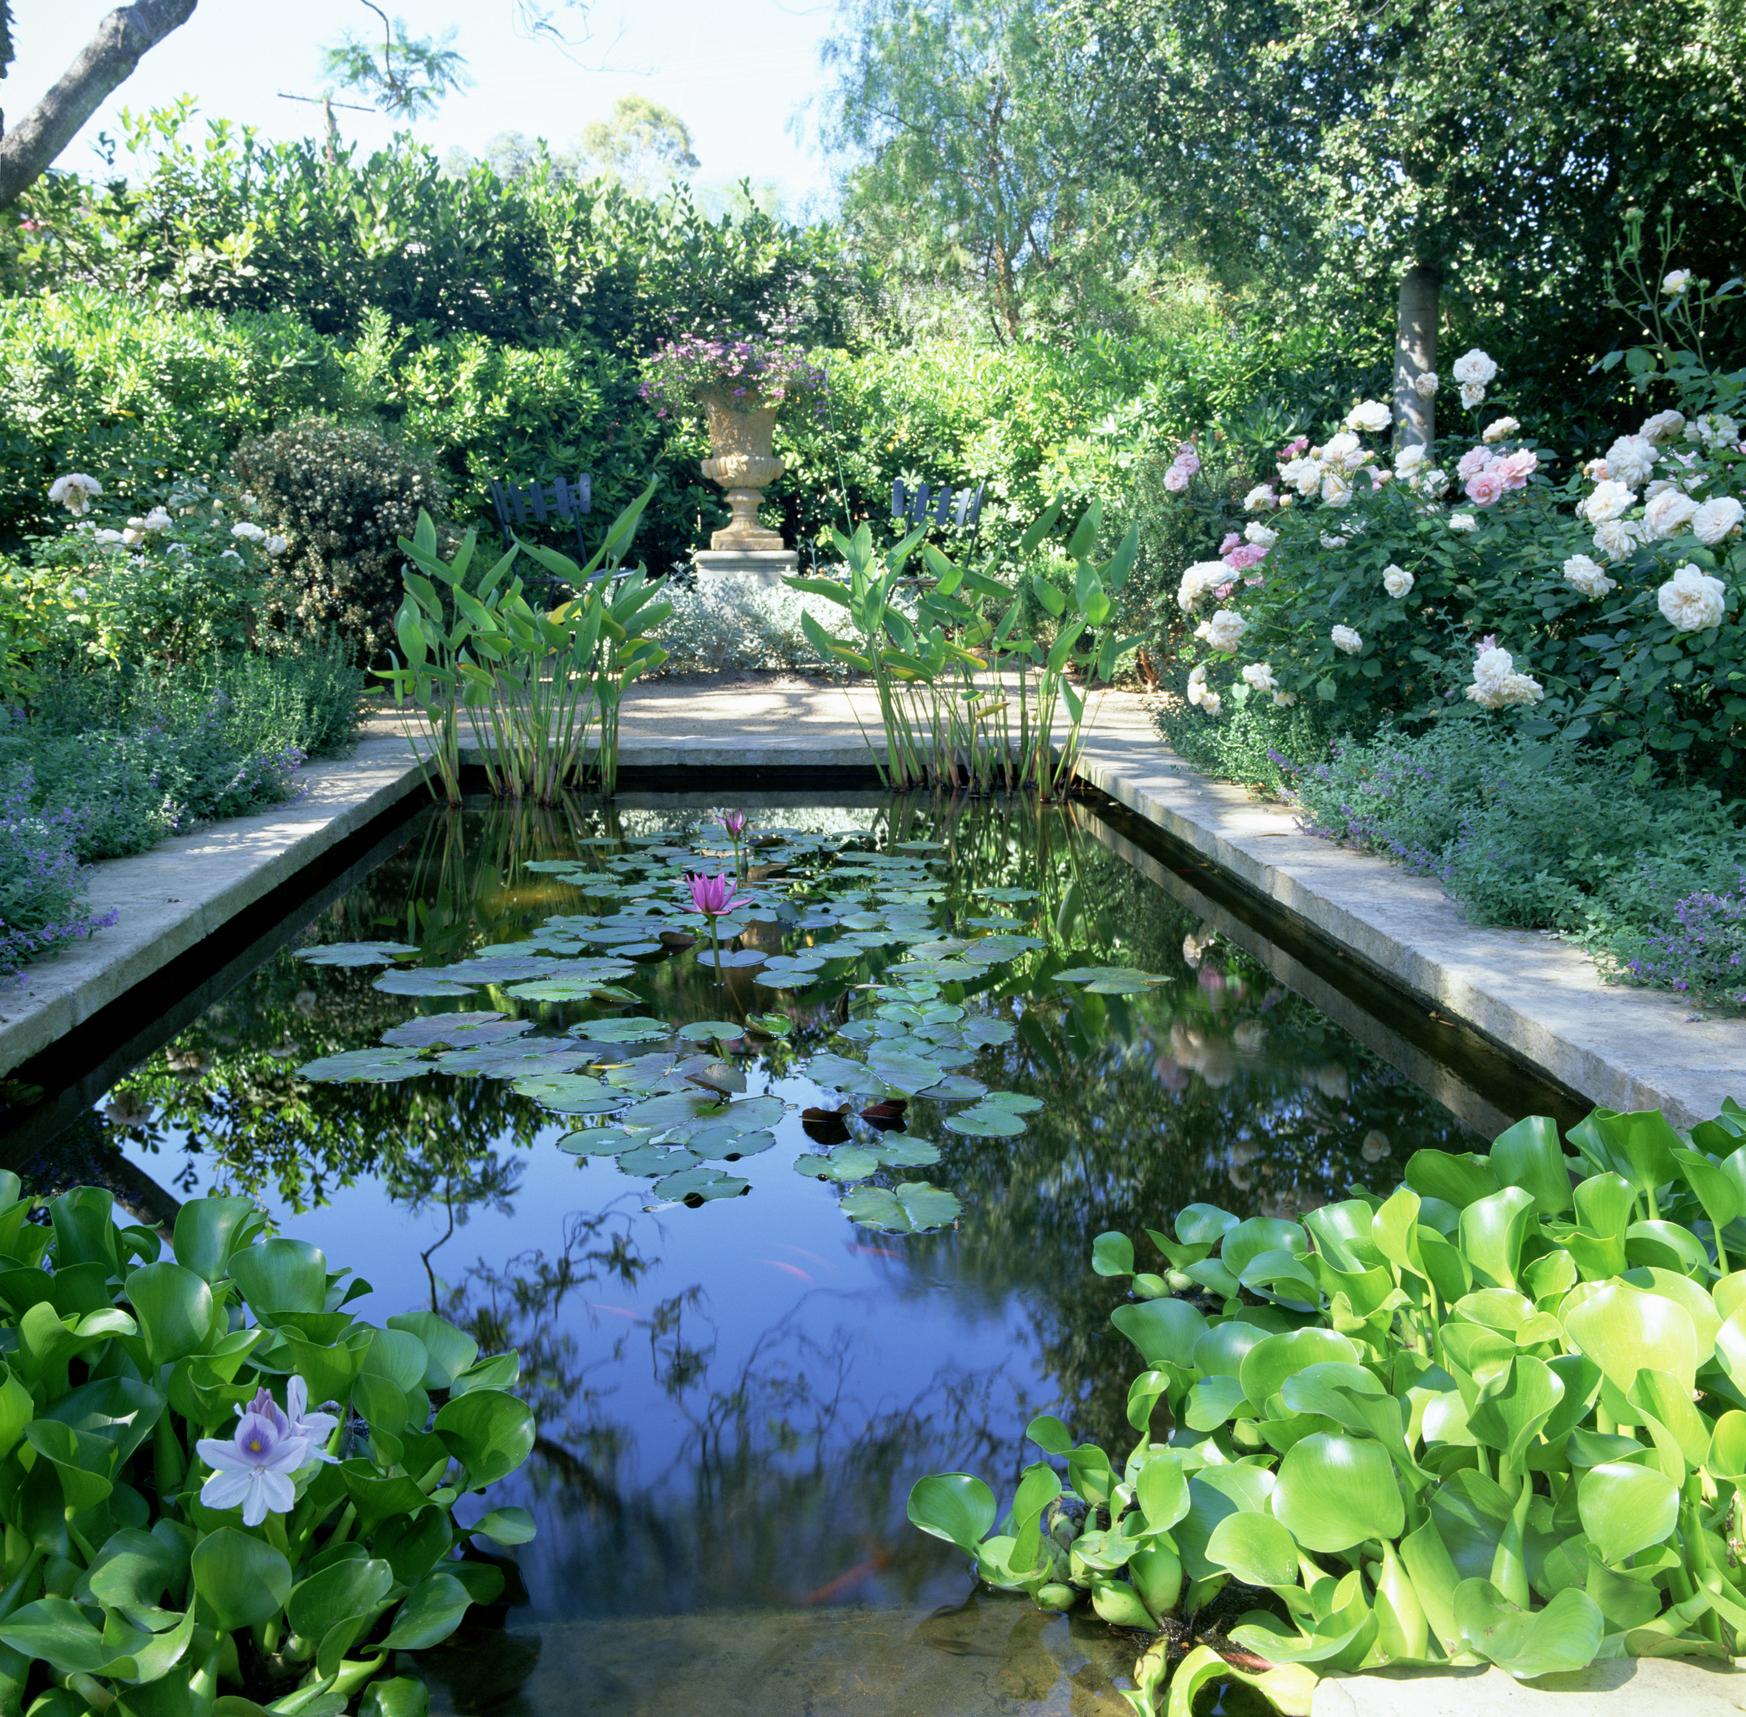 Comment Entretenir Un Bassin De Jardin ? dedans Entretien D Un Bassin De Jardin